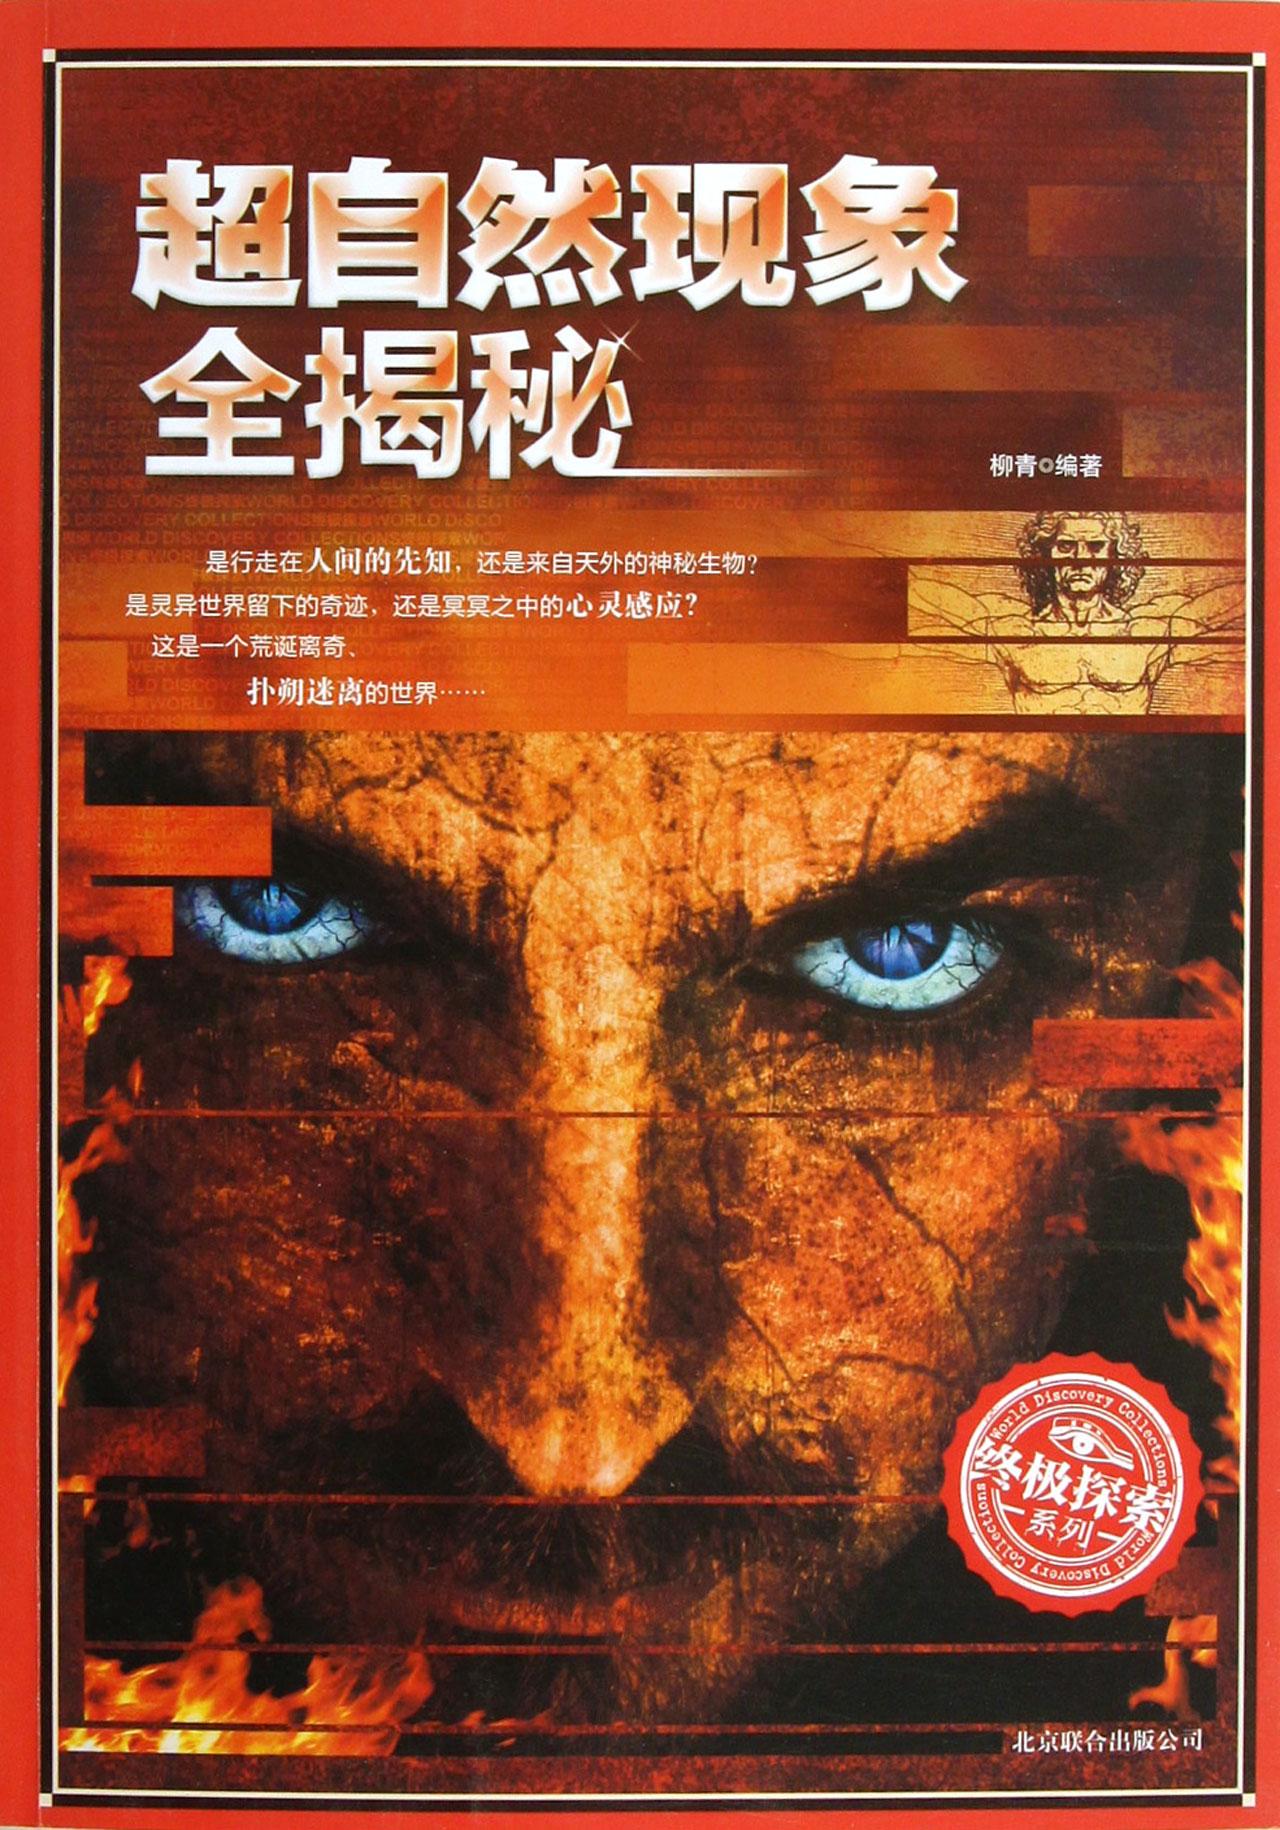 超自然现象第1-2季全集 2012.HD1080P 英语中字